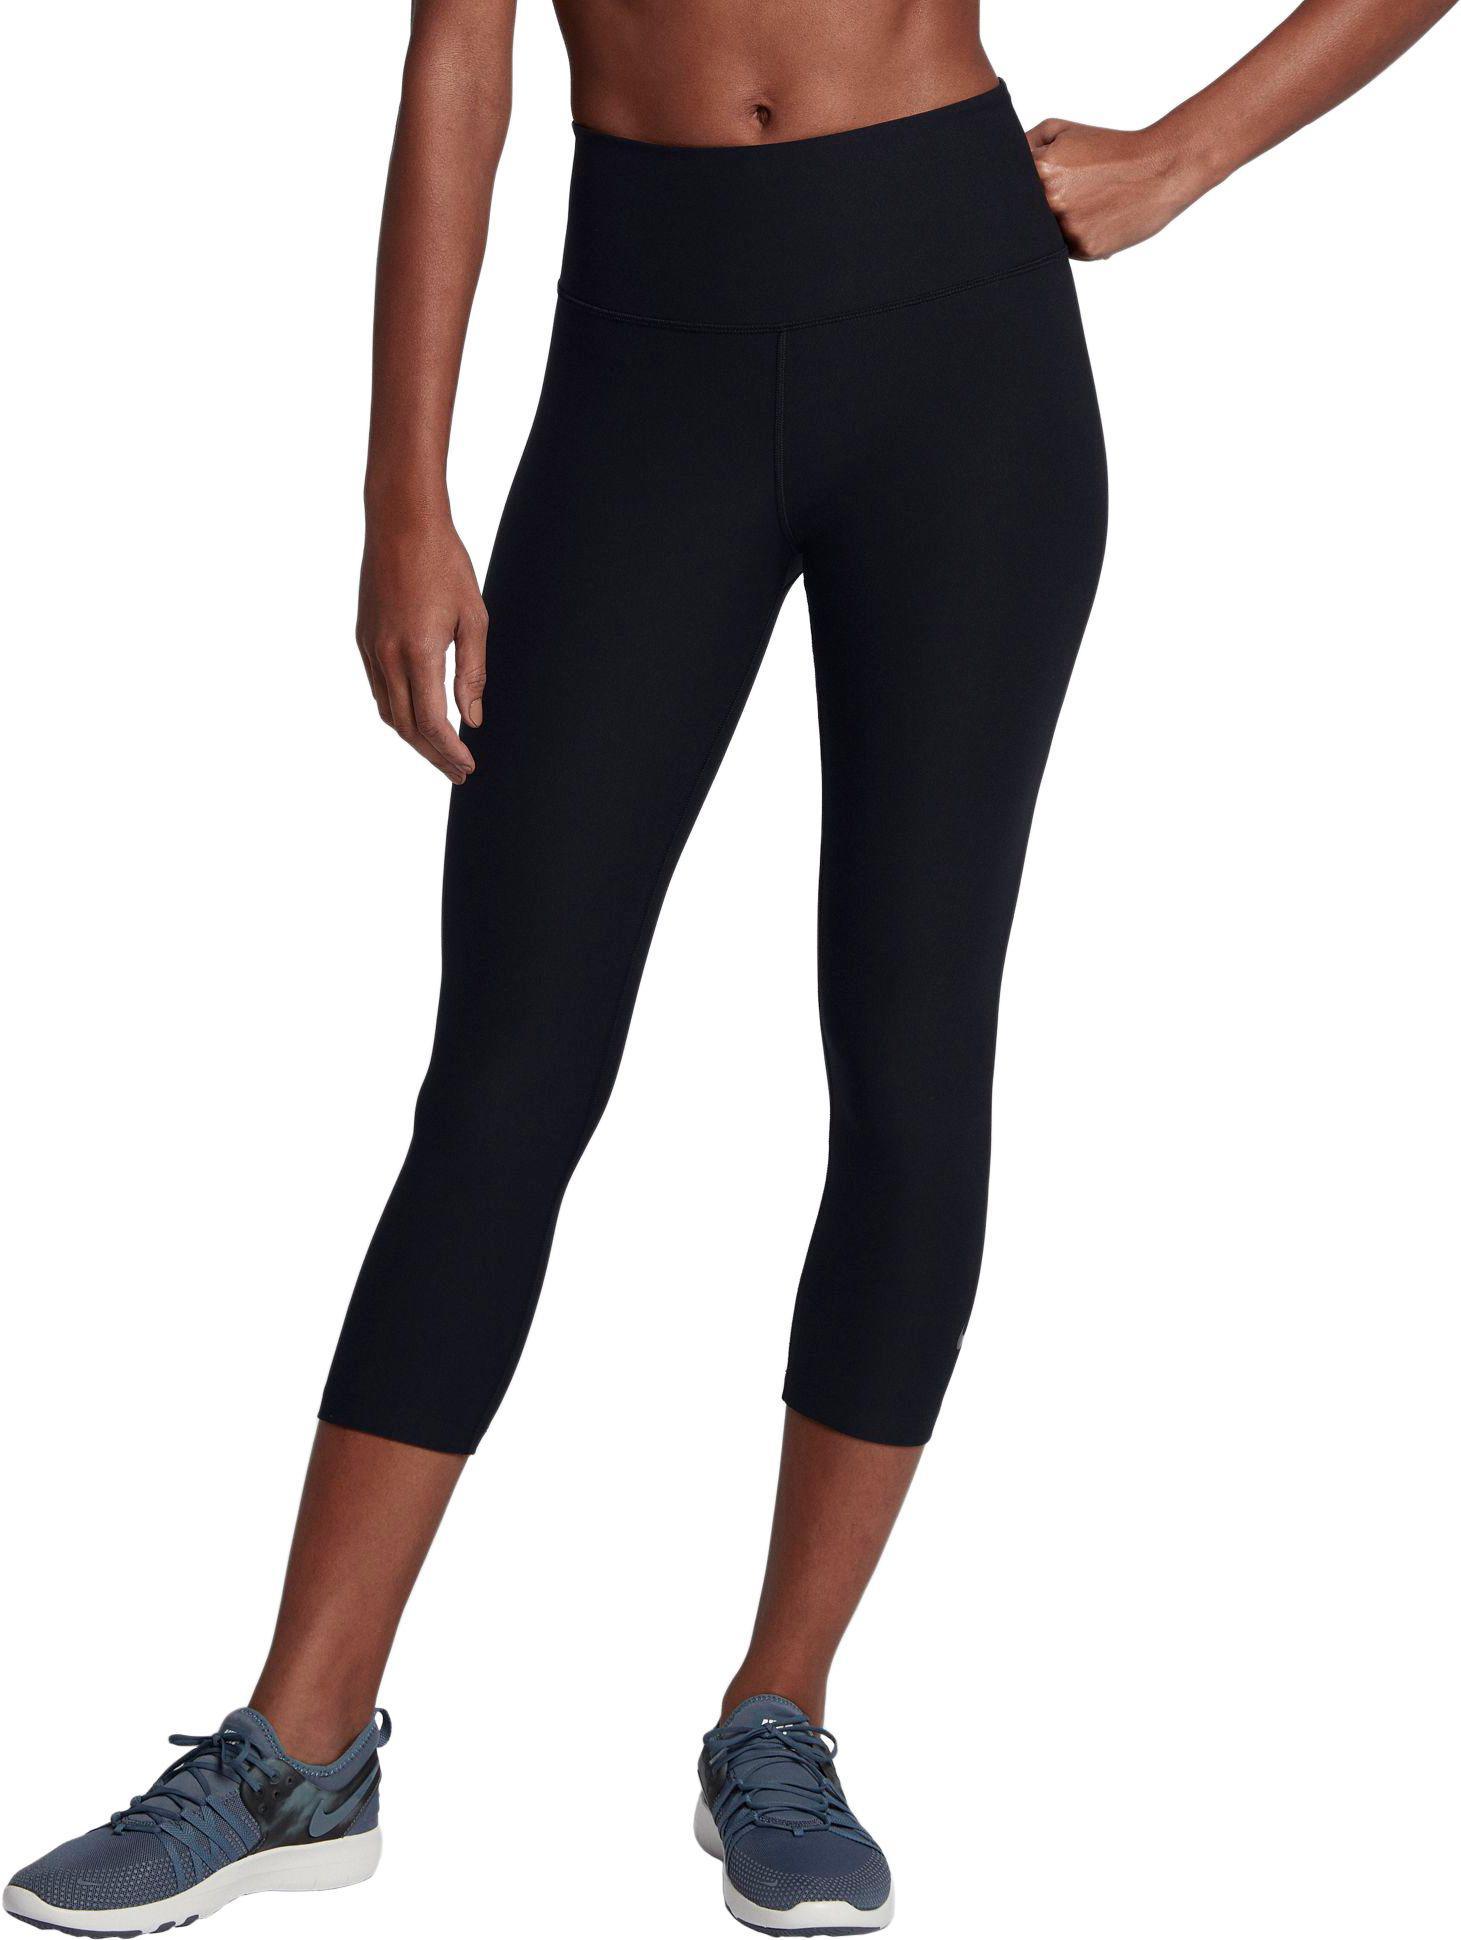 Lyst - Nike Sculpt Hyper Crop Leggings in Black 36a4cc4bbcf